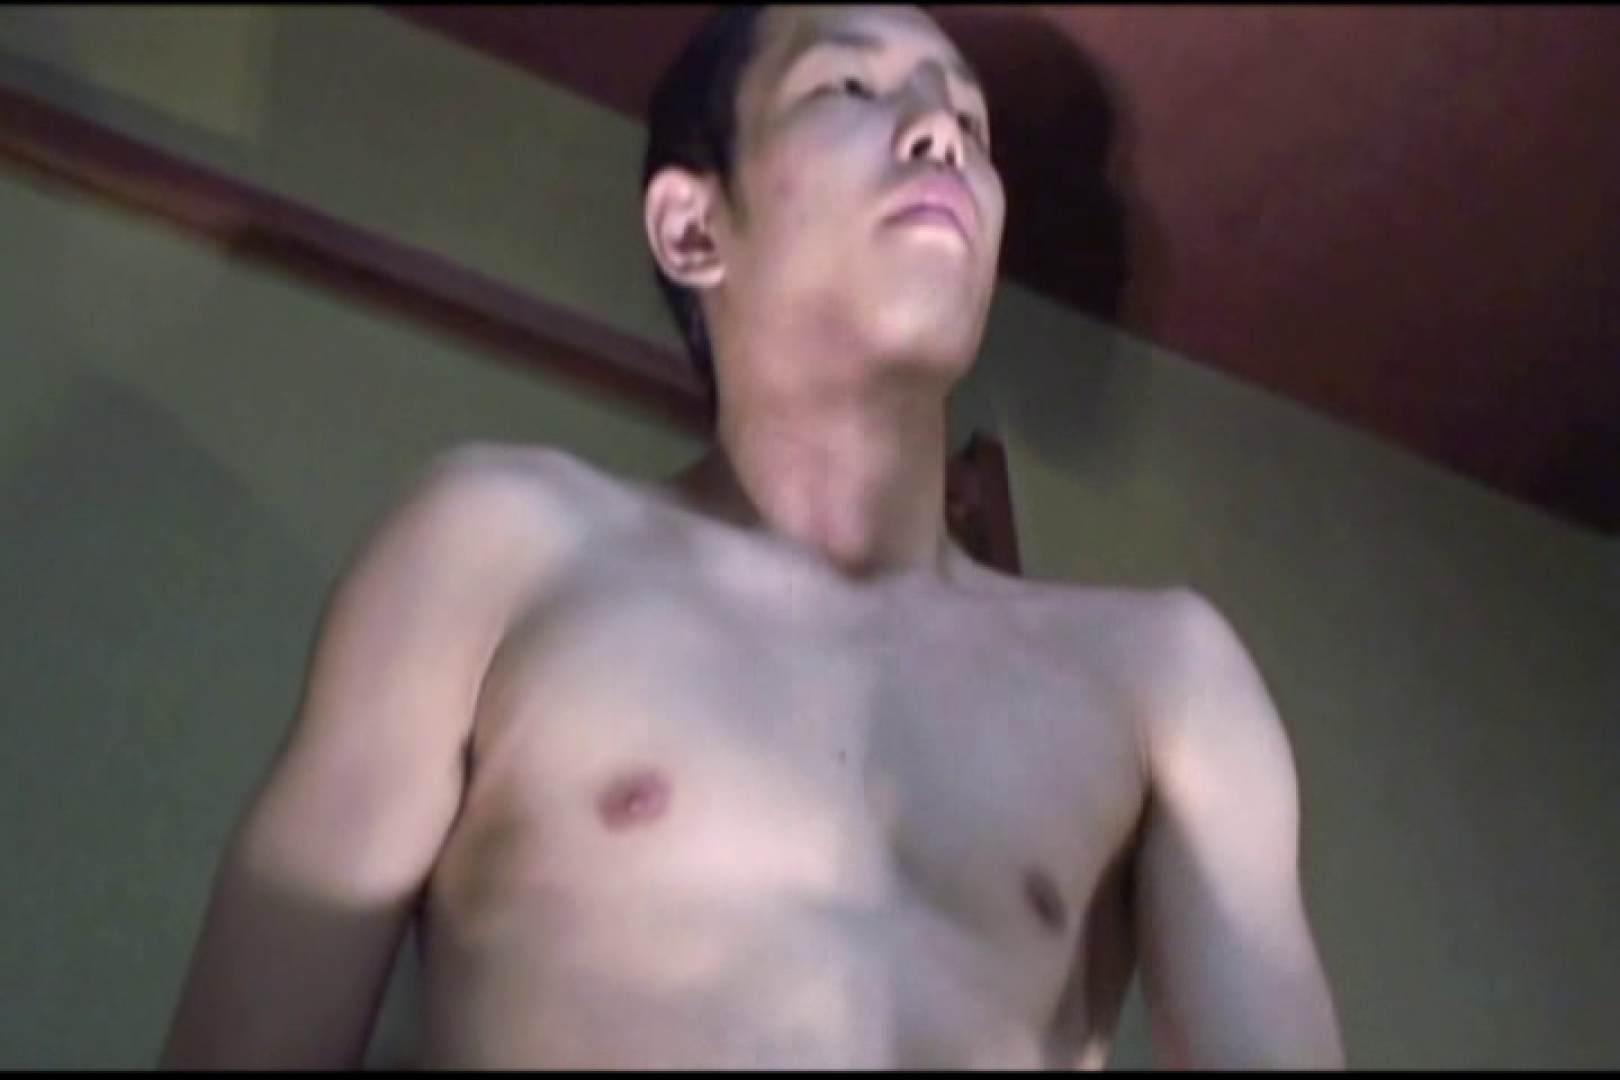 ゲイザーメン動画|畳の部屋で・・・昇天。|手コキ